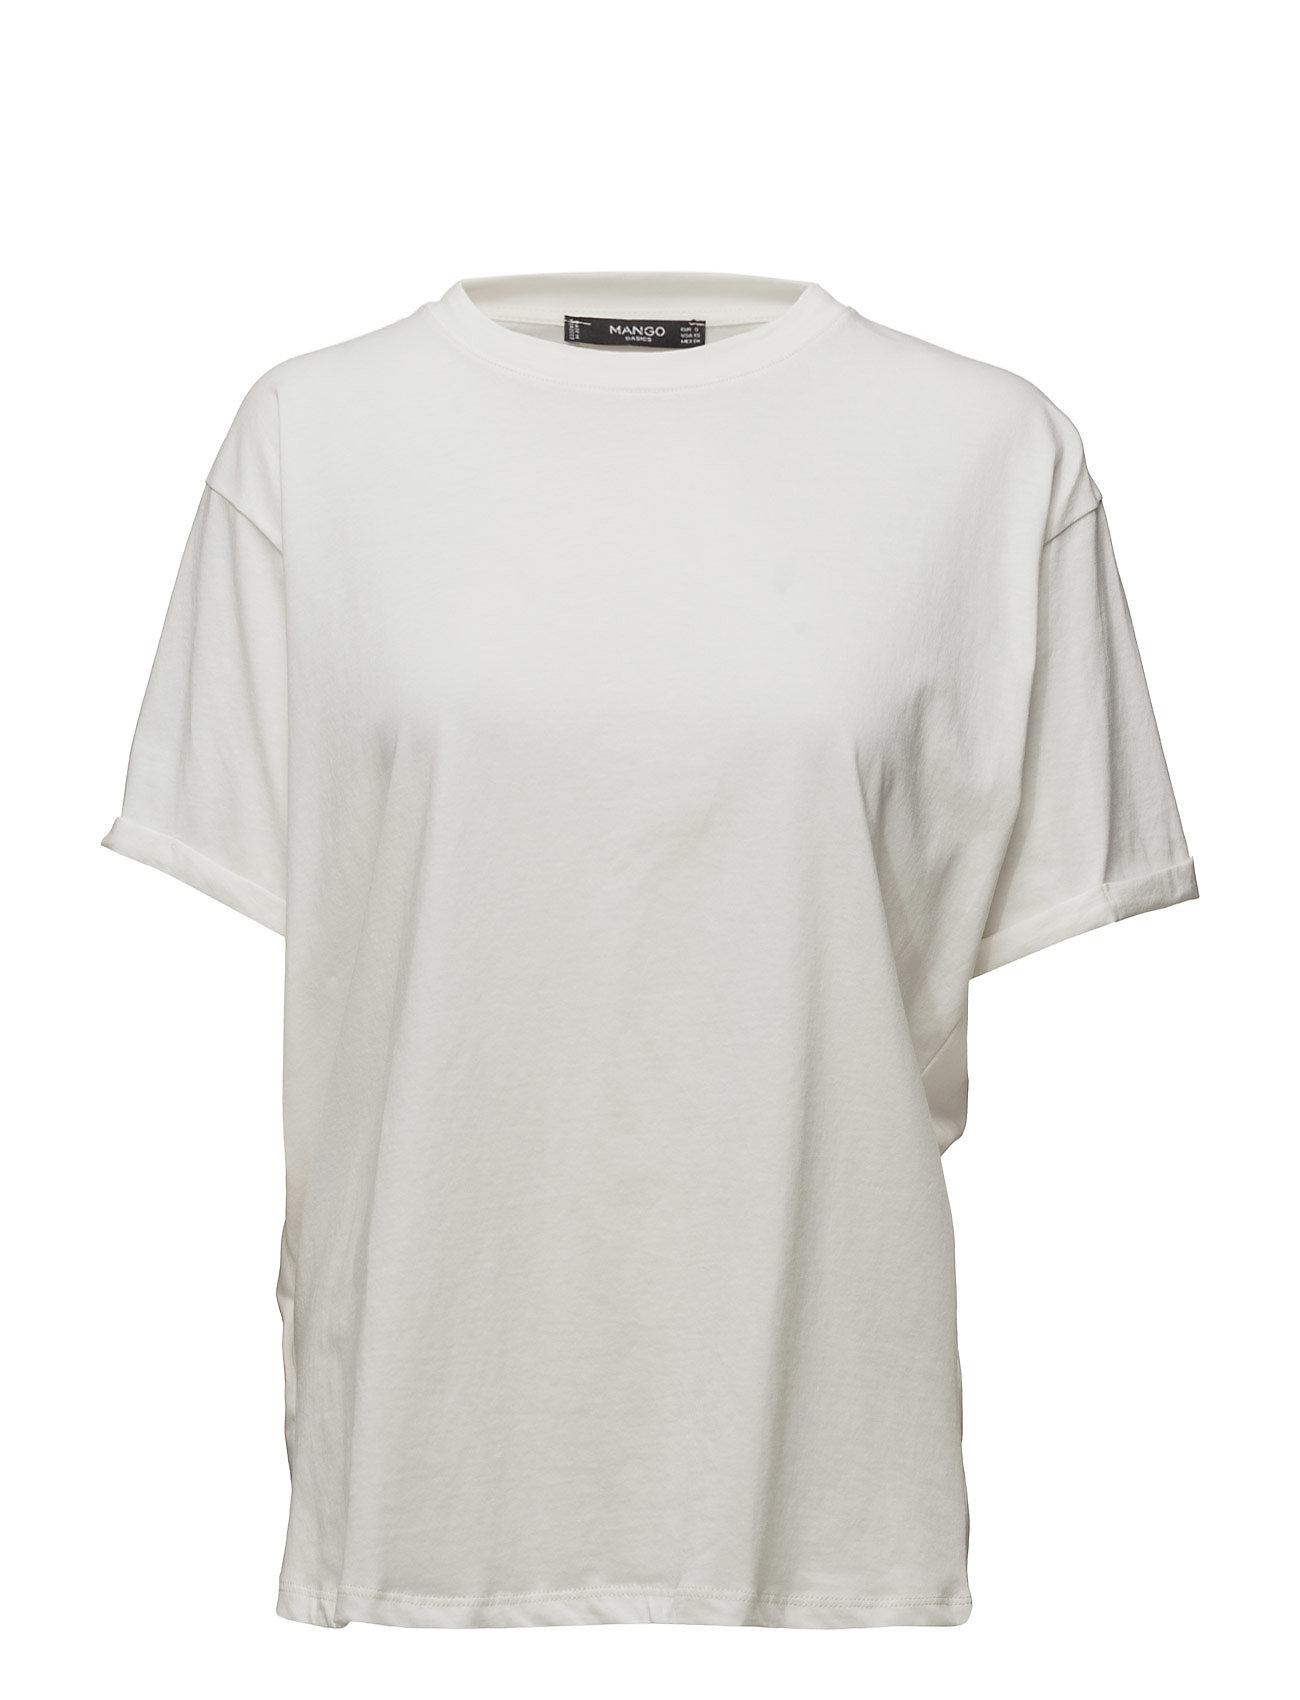 Oversize Cotton T-Shirt Mango T-shirts & toppe til Kvinder i hvid